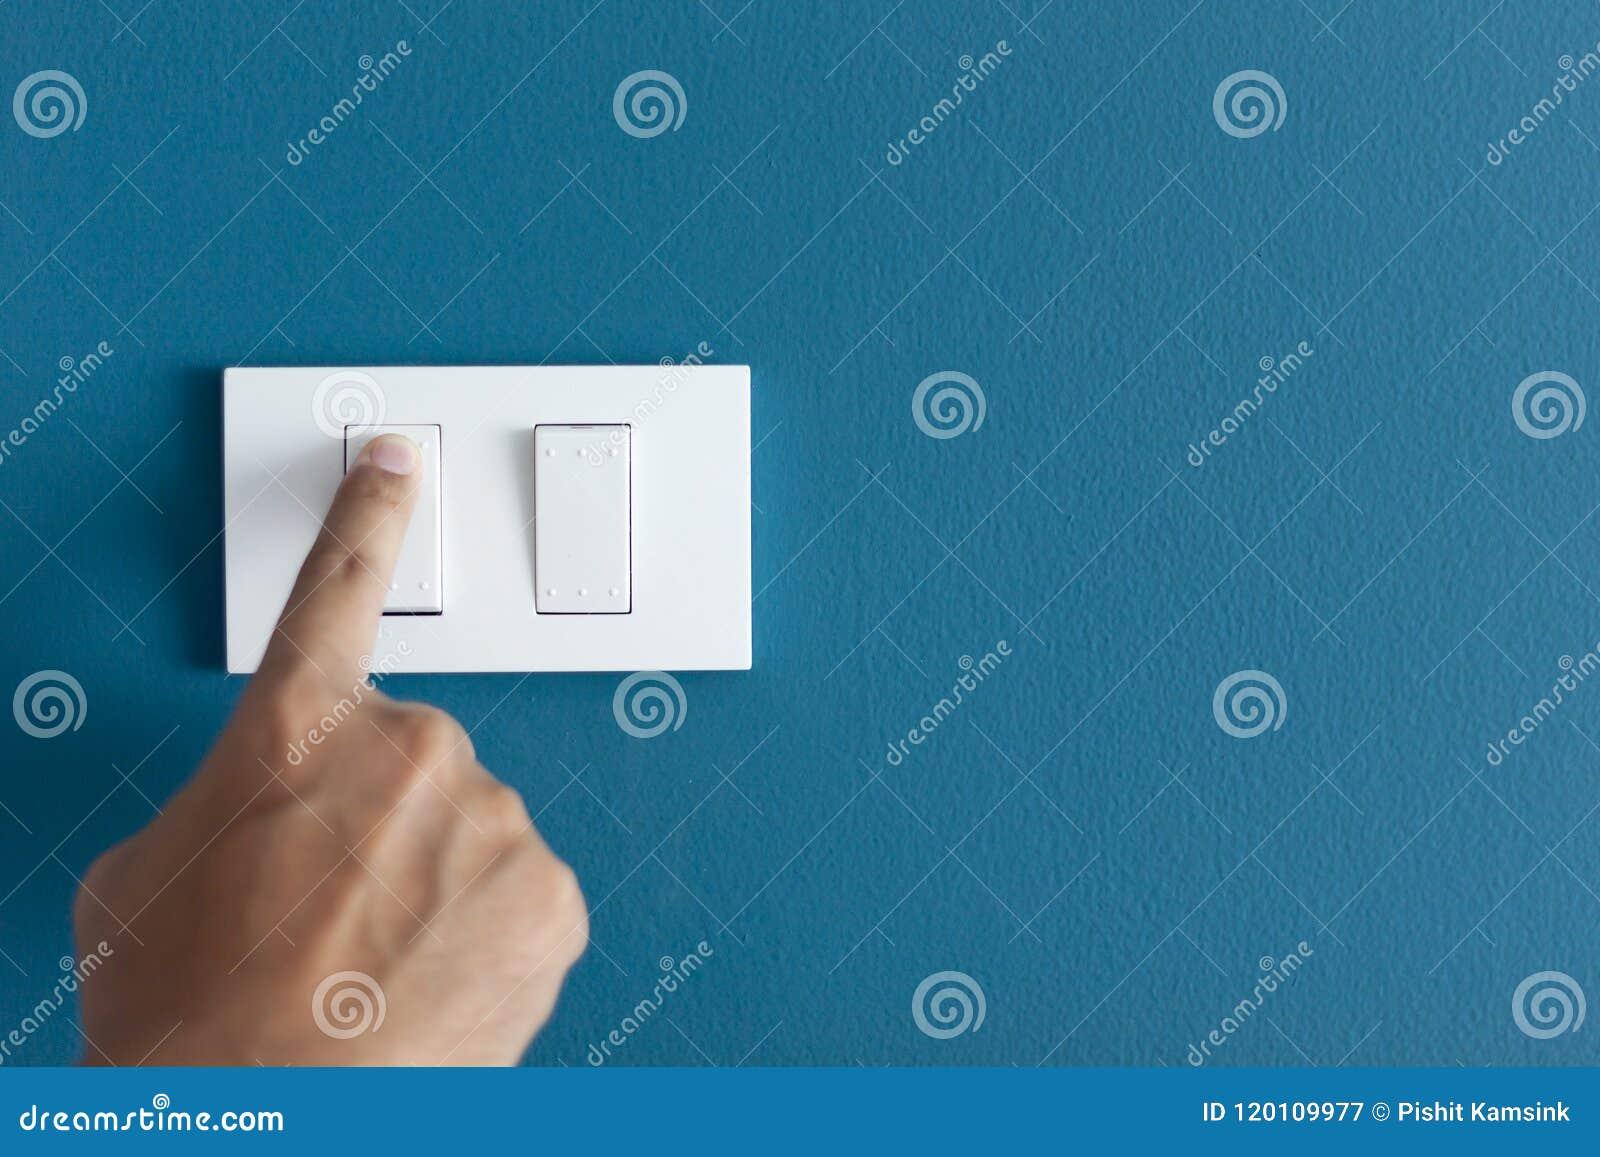 Ein Finger, der Beleuchtungsschalter auf rauem auf blauer dunkler Wand einschaltet